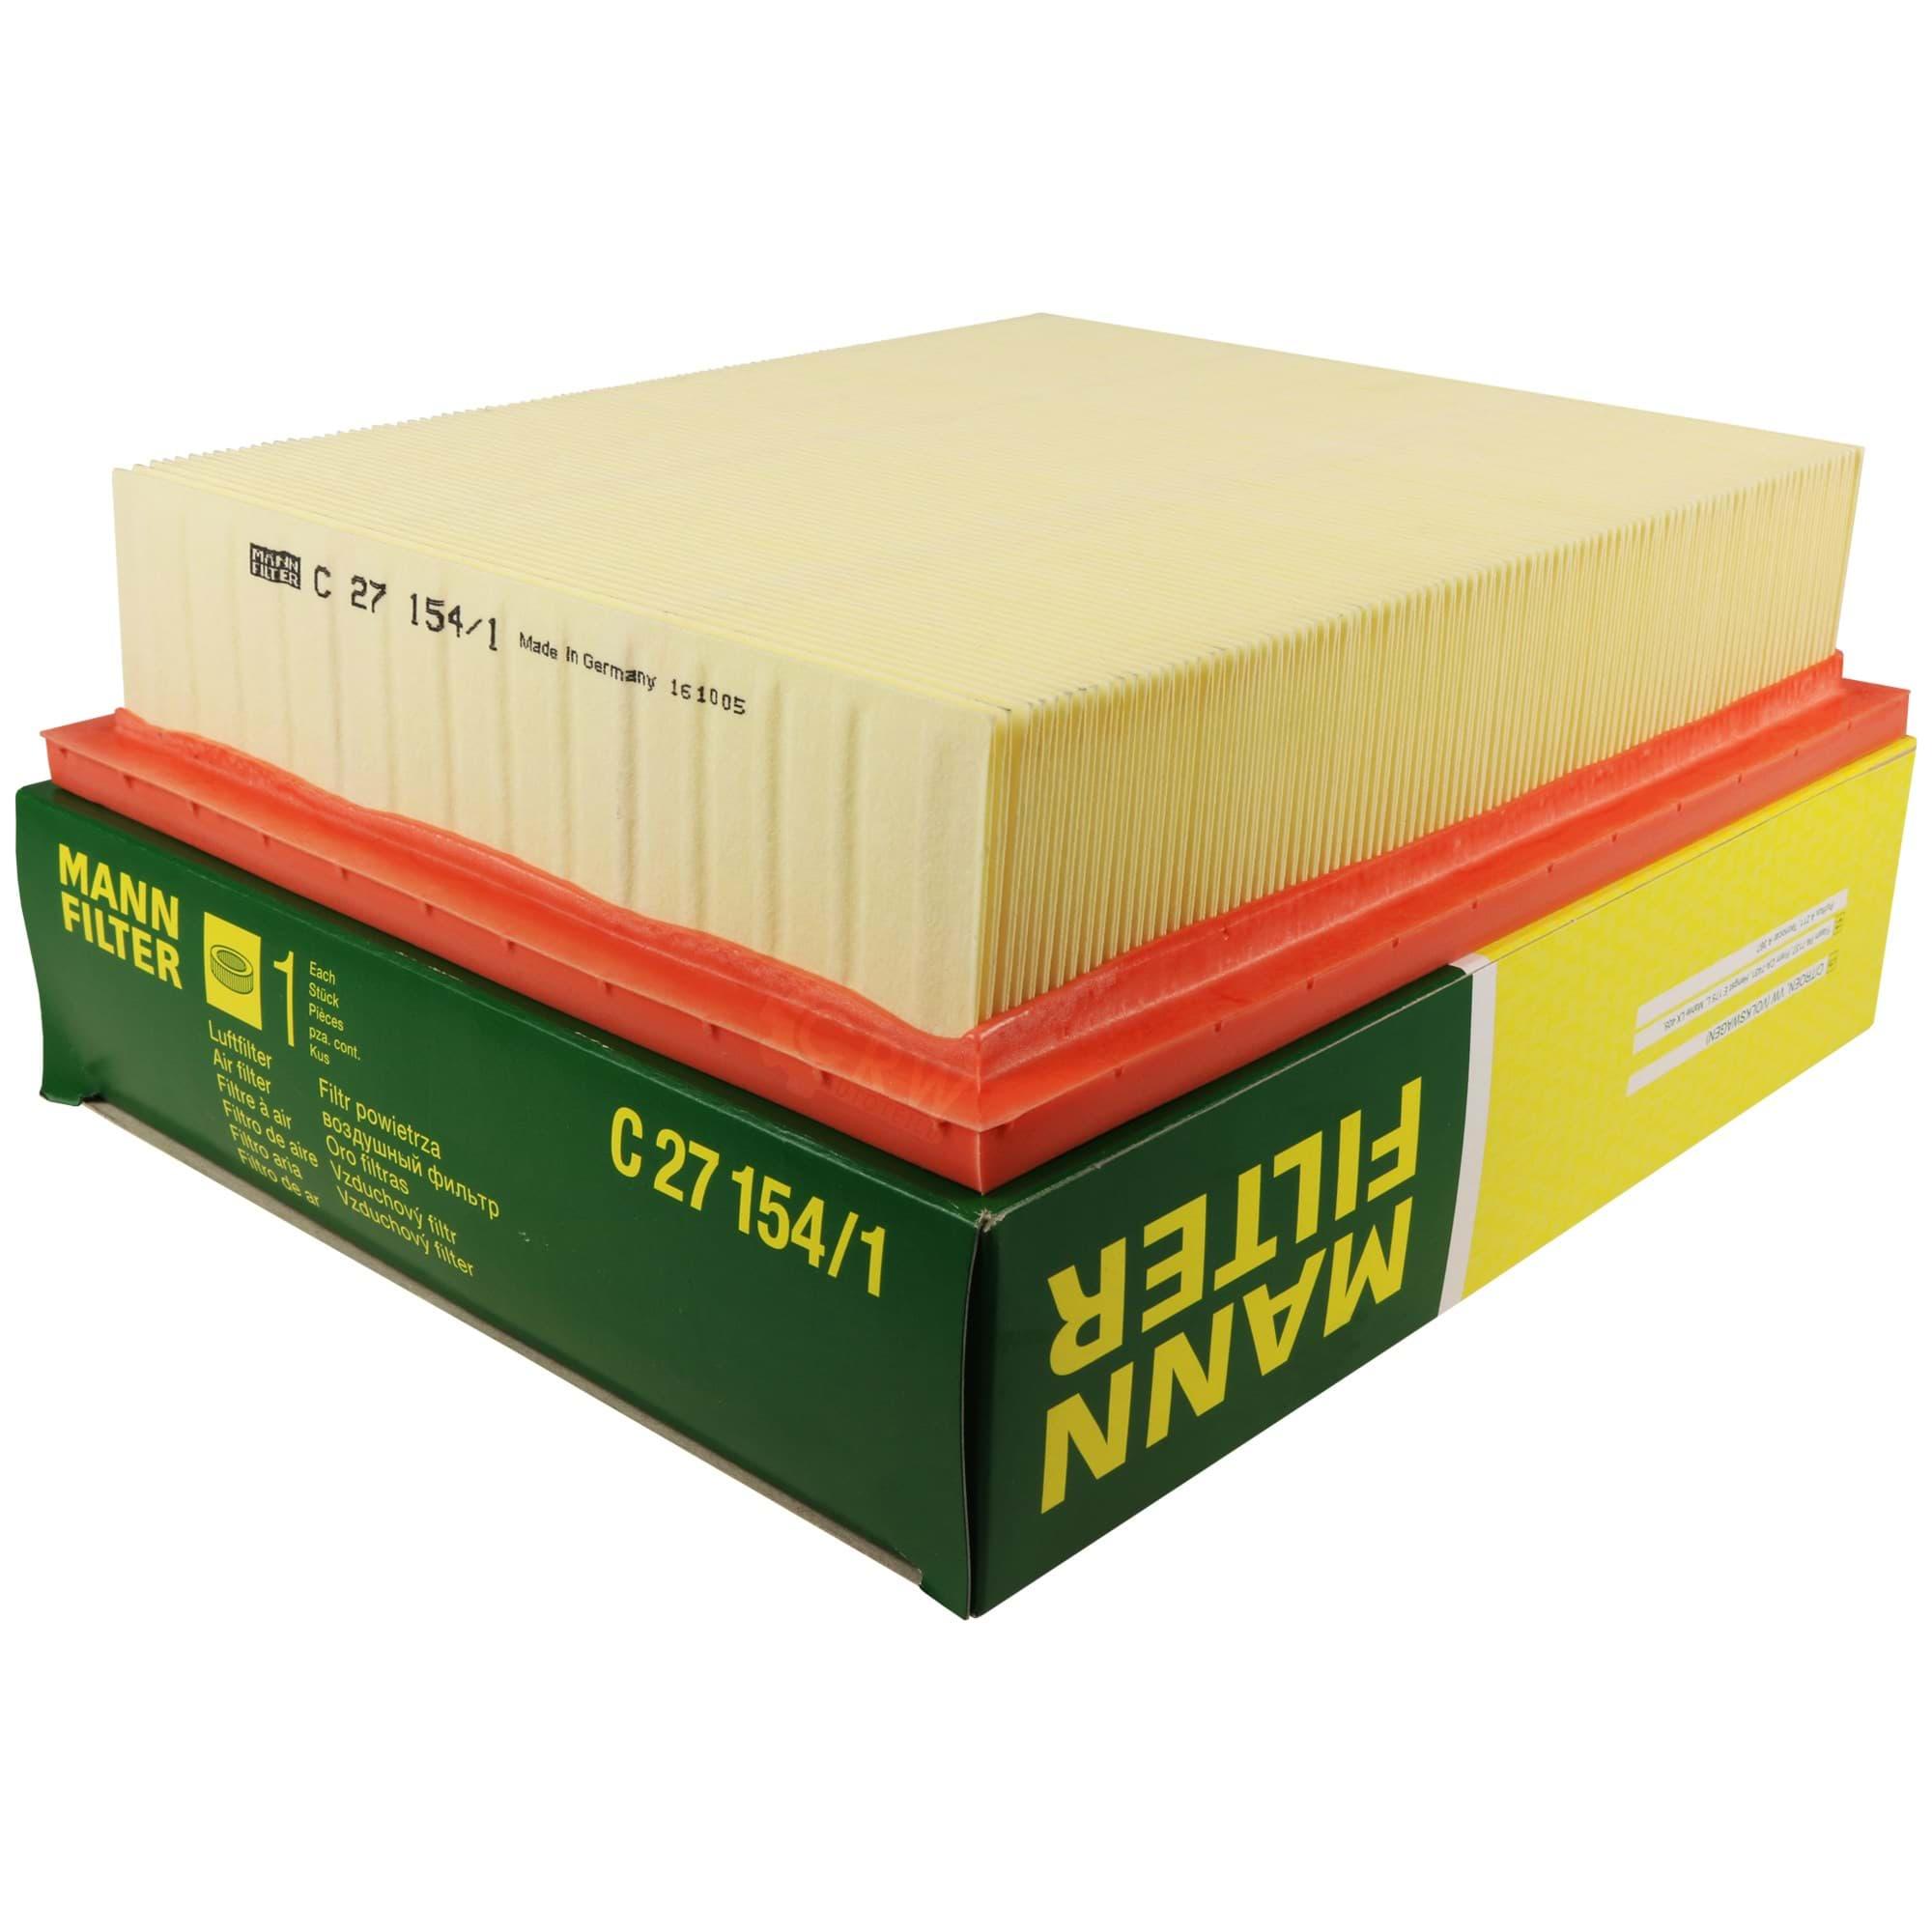 C 27 030 Filtro de aire filtro nuevo Mann-Filter